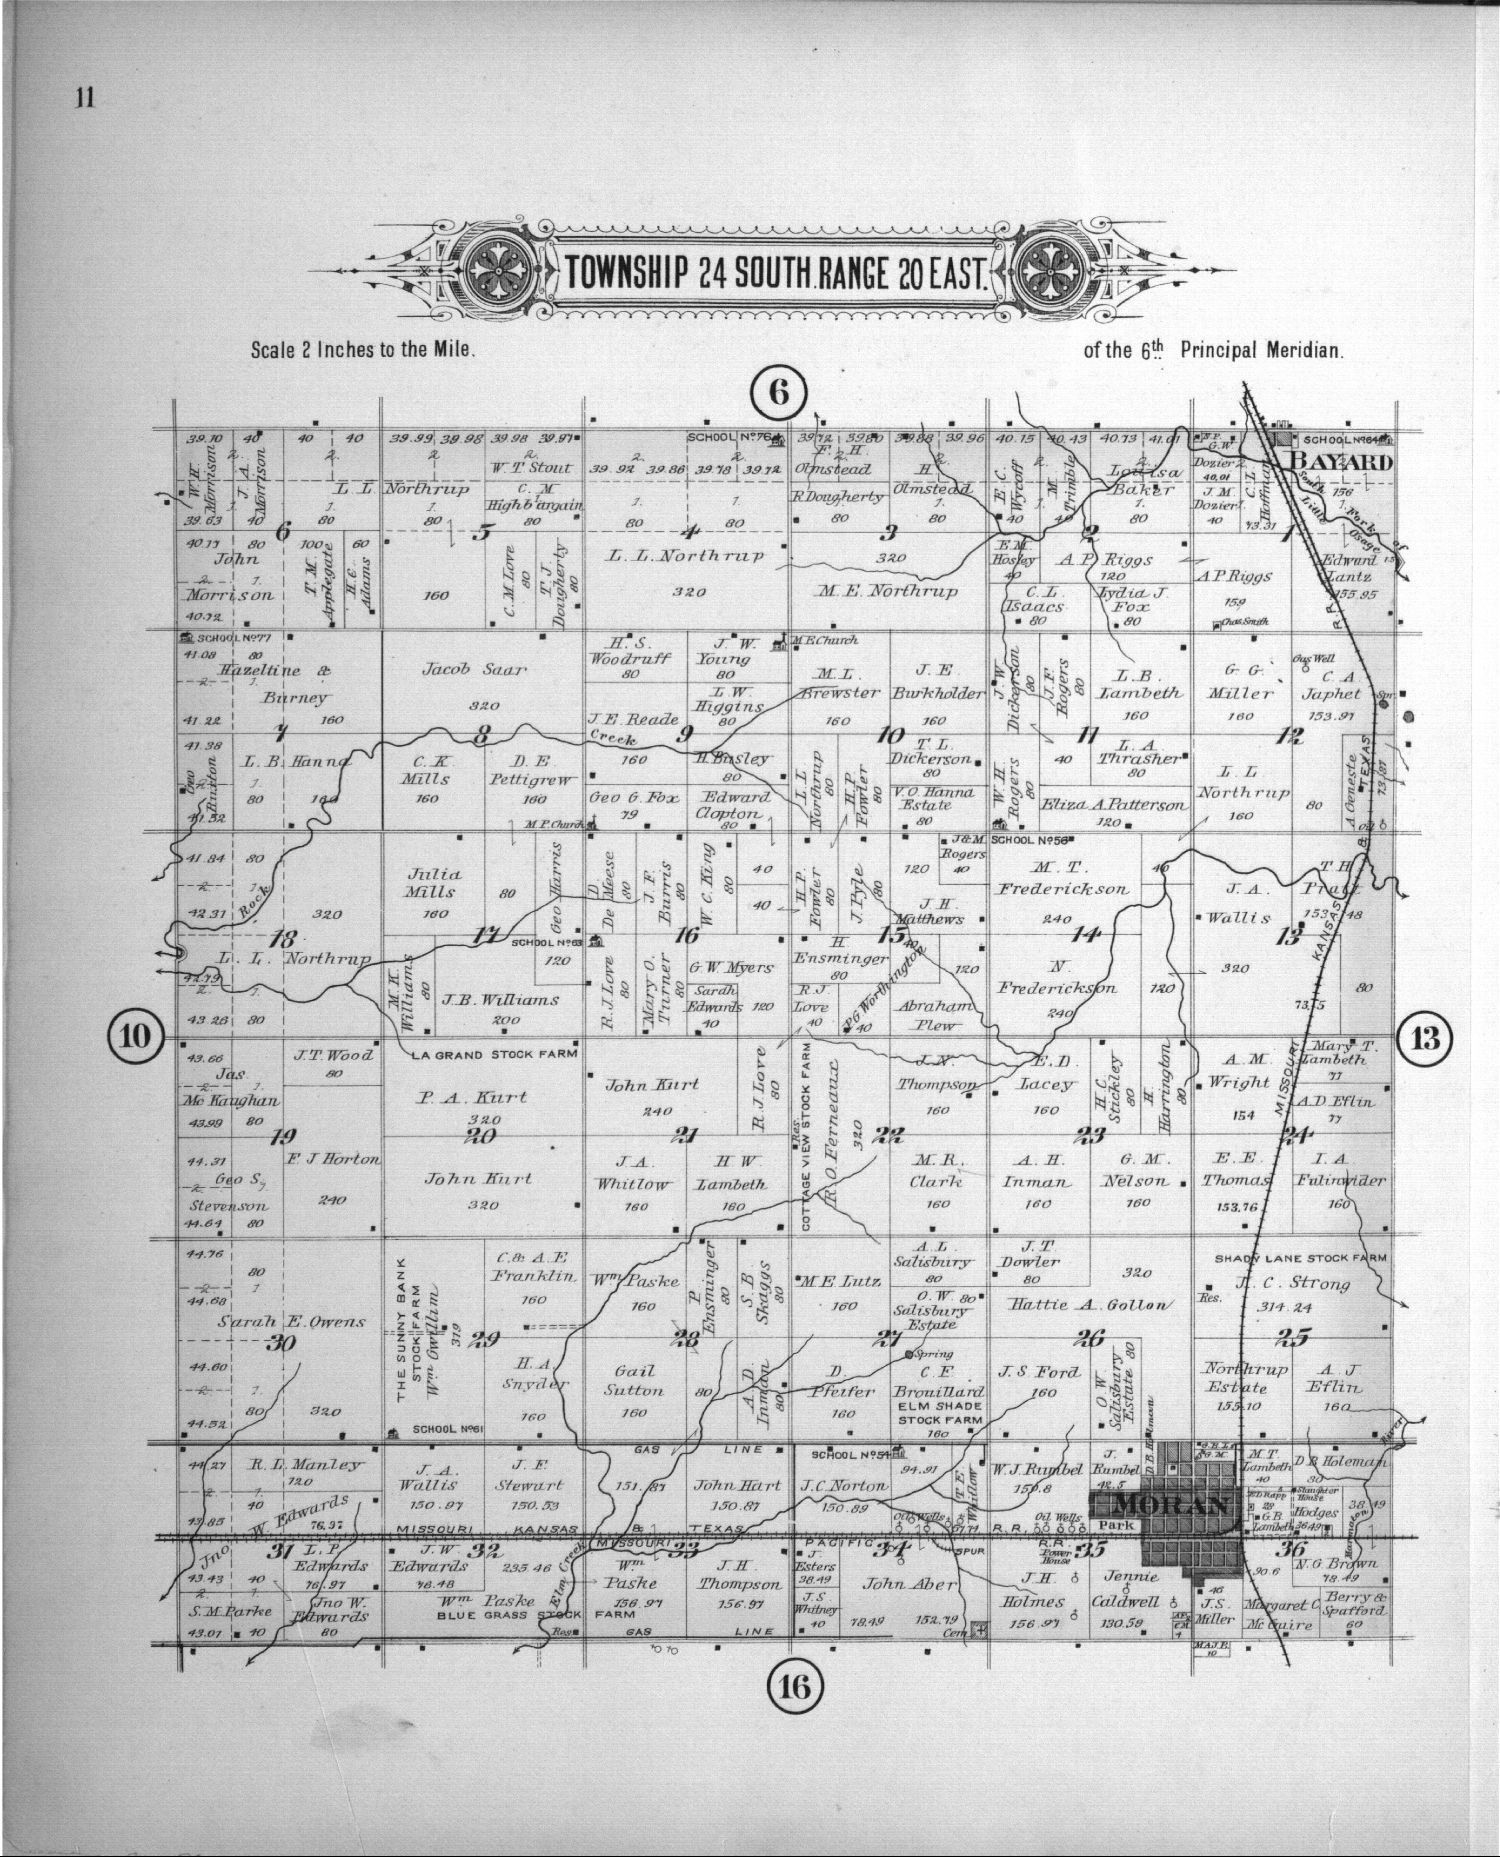 Plat book of Allen County, Kansas - 11